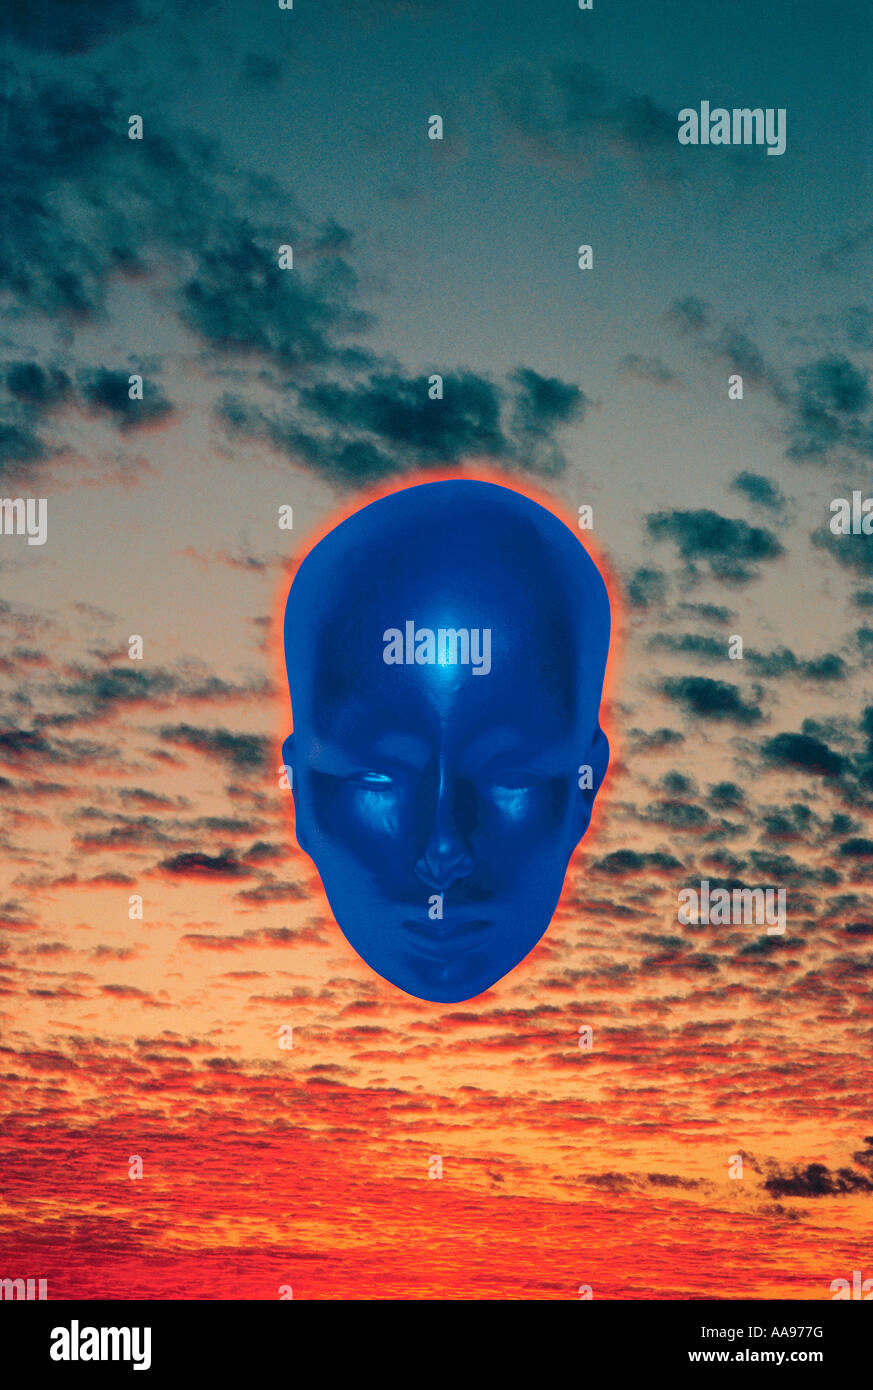 Concetto di immagine del blu metallizzato in testa al tramonto. Immagini Stock